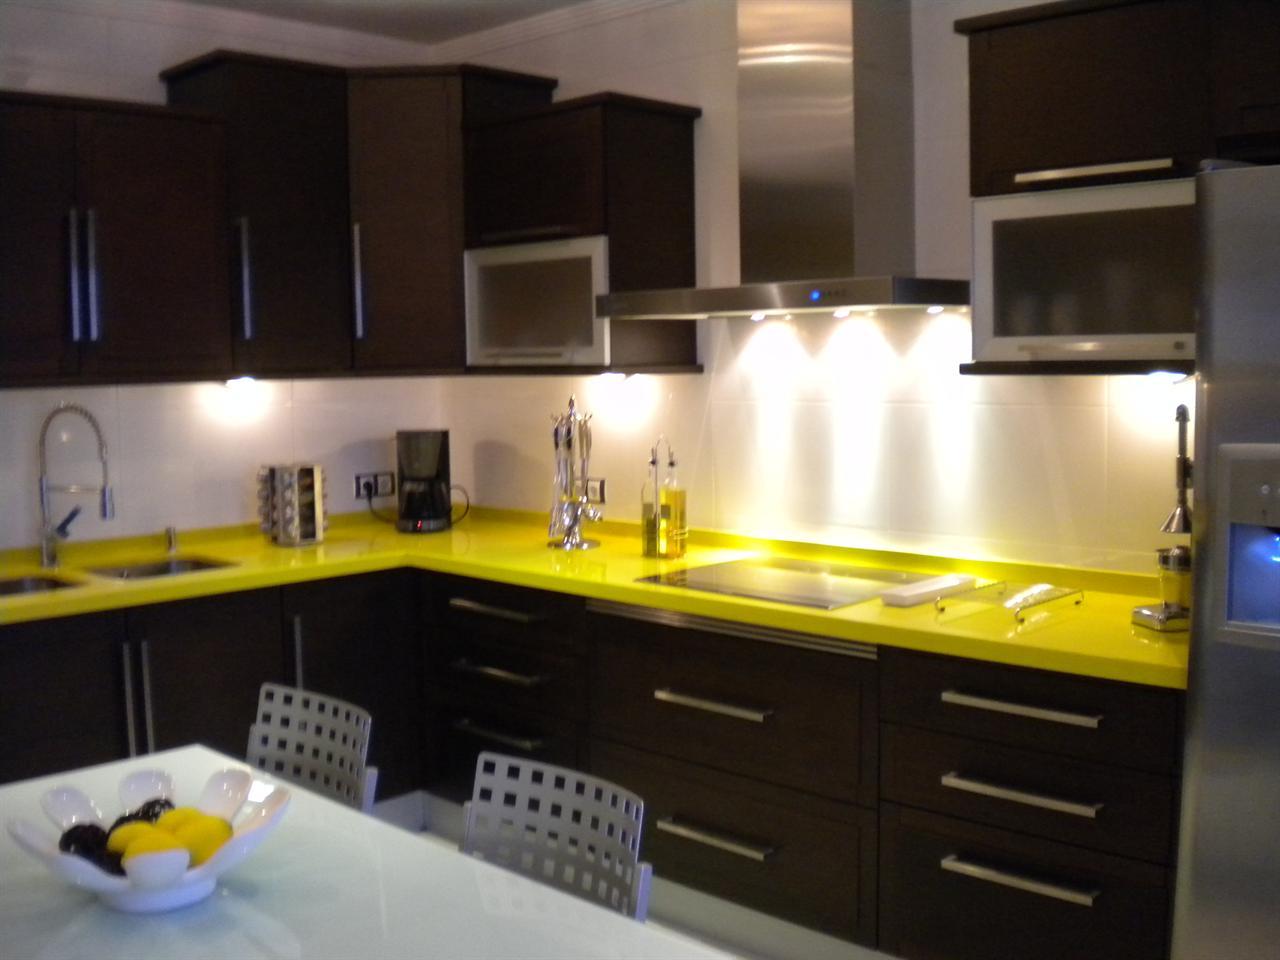 Cocinas Mari Carmen - Venta y montaje de muebles de cocina - Ciudad ...